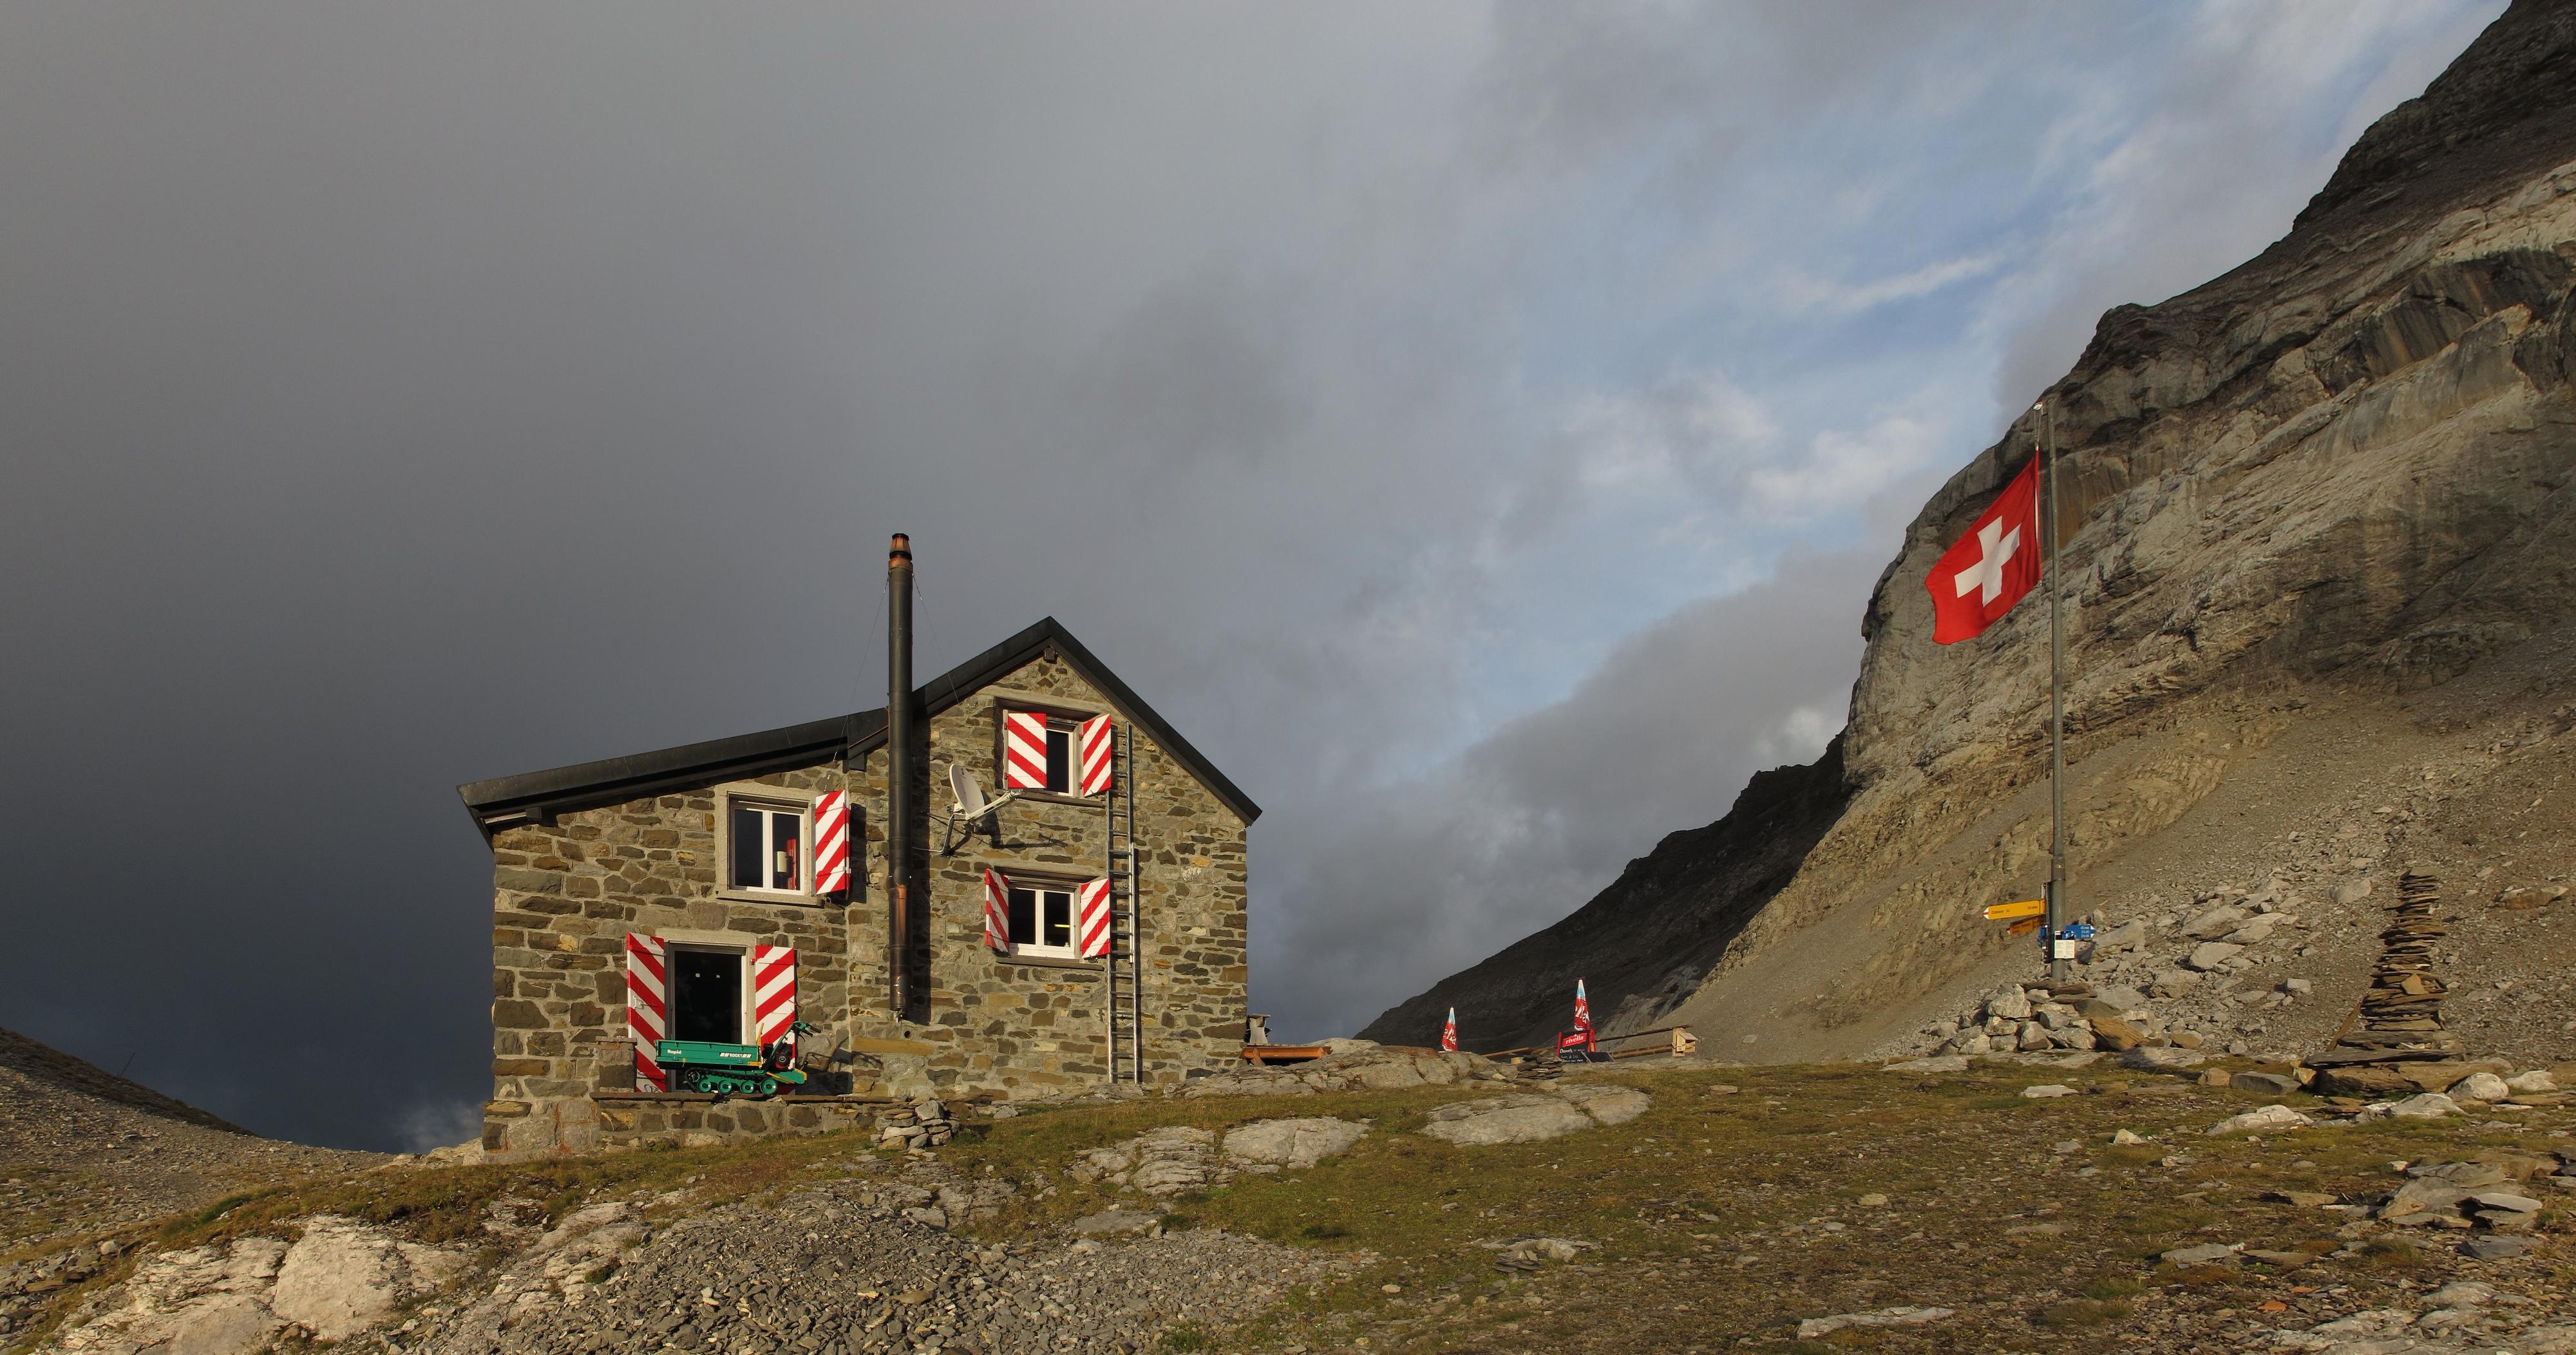 Les plus belles cabanes de montagne de Suisse - Cabane des Diablerets, Vaud